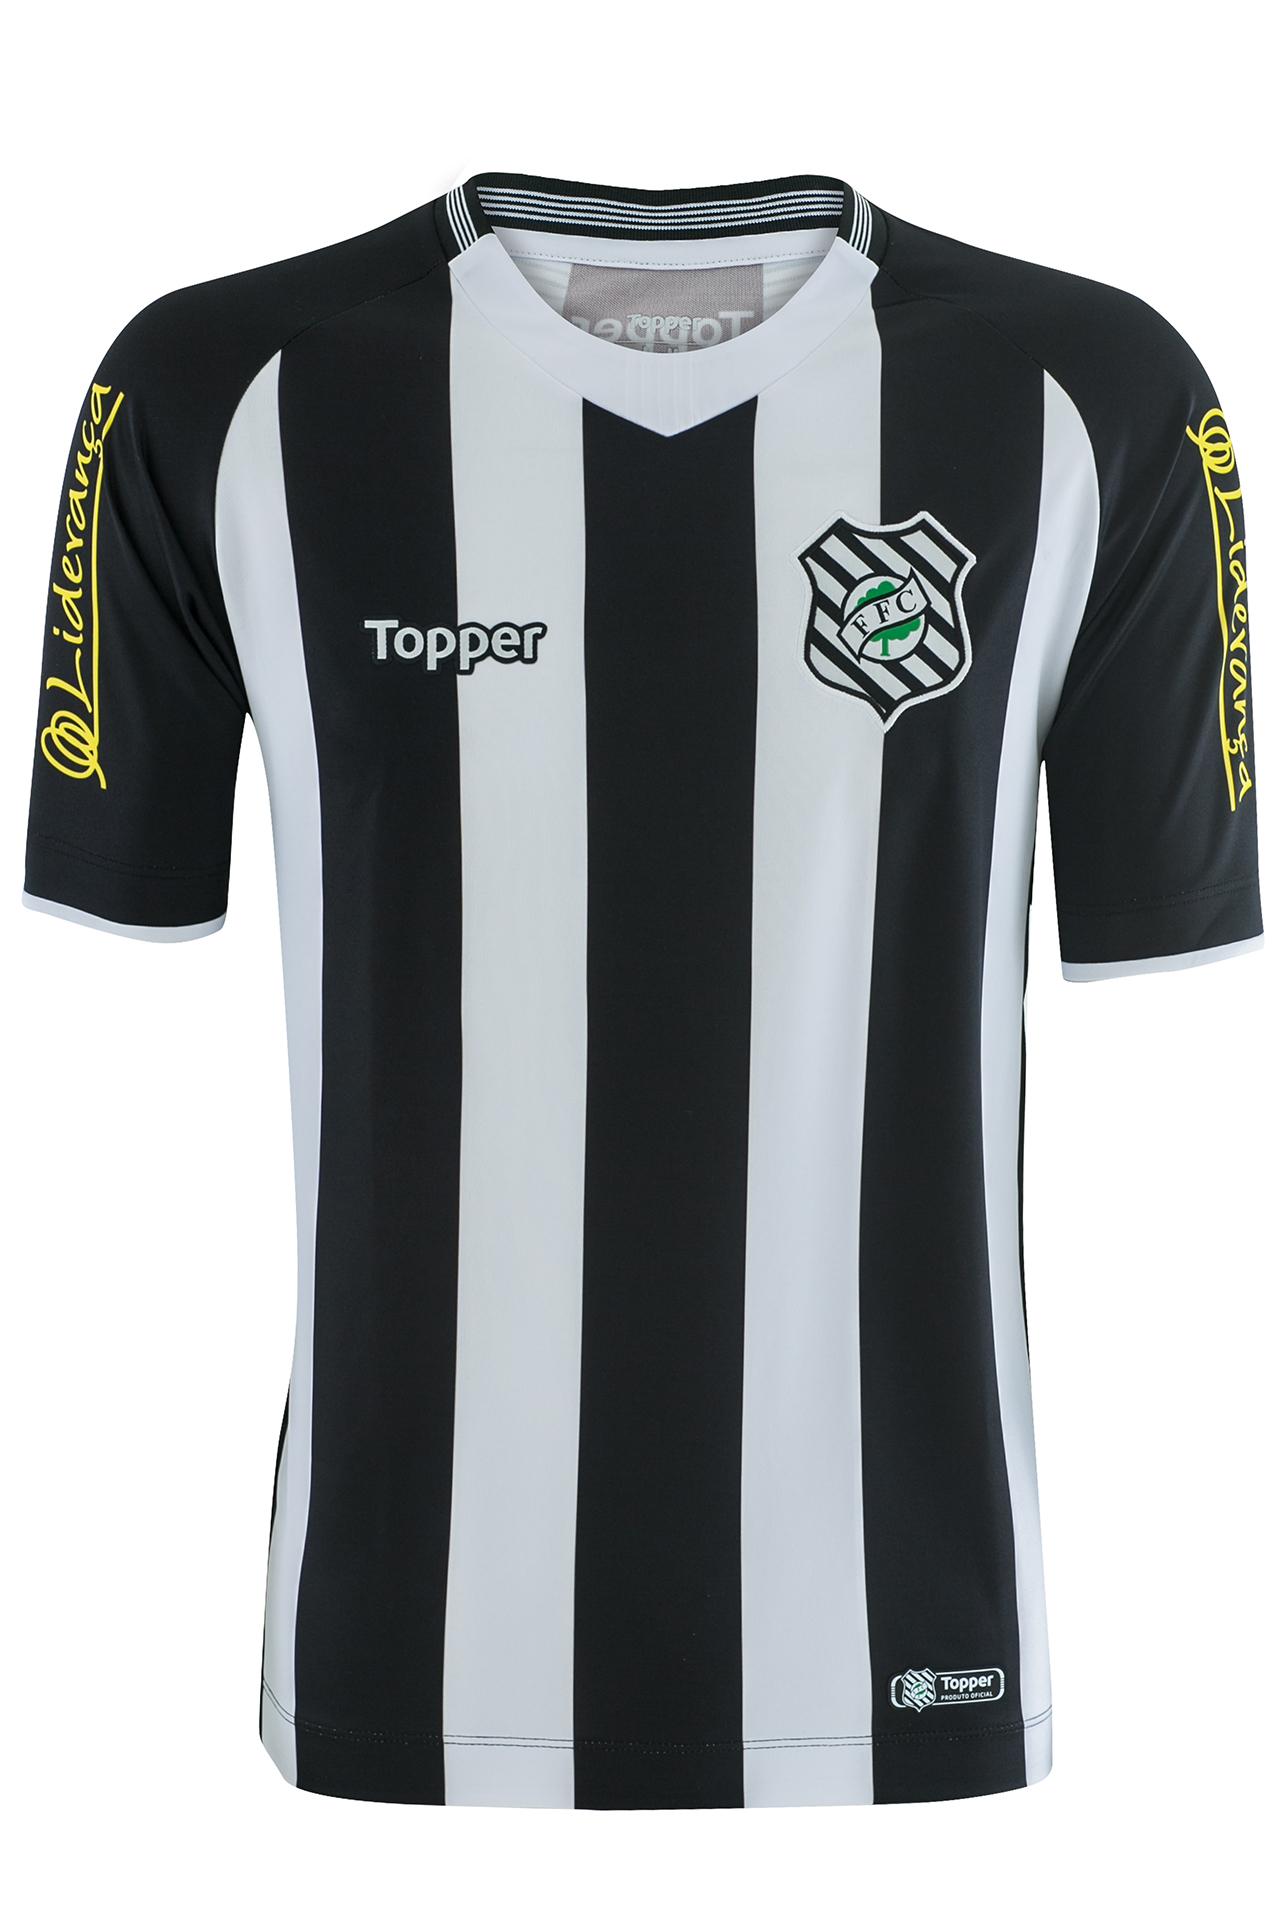 d542282421ce0 Figueirense muda fornecedora e apresenta novas camisas 1 e 2